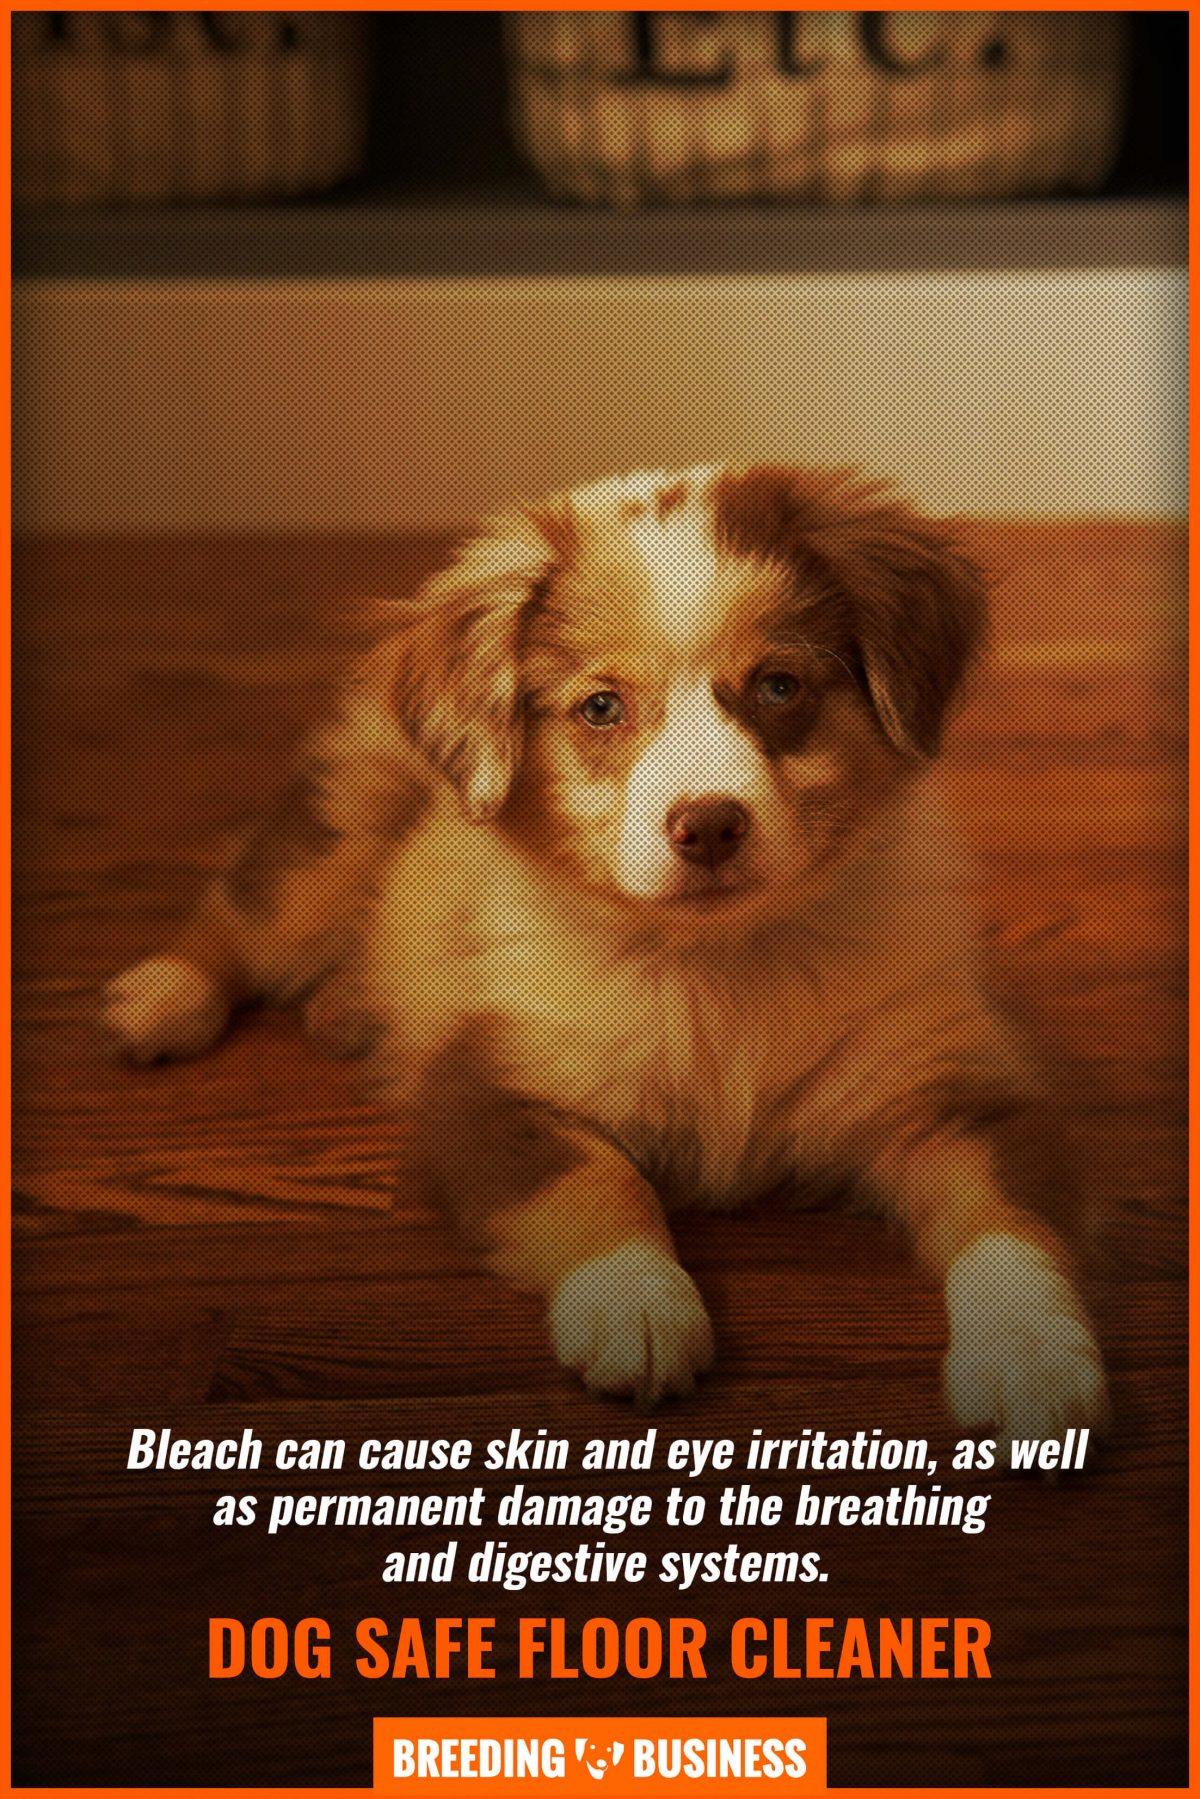 dog safe floor cleaner